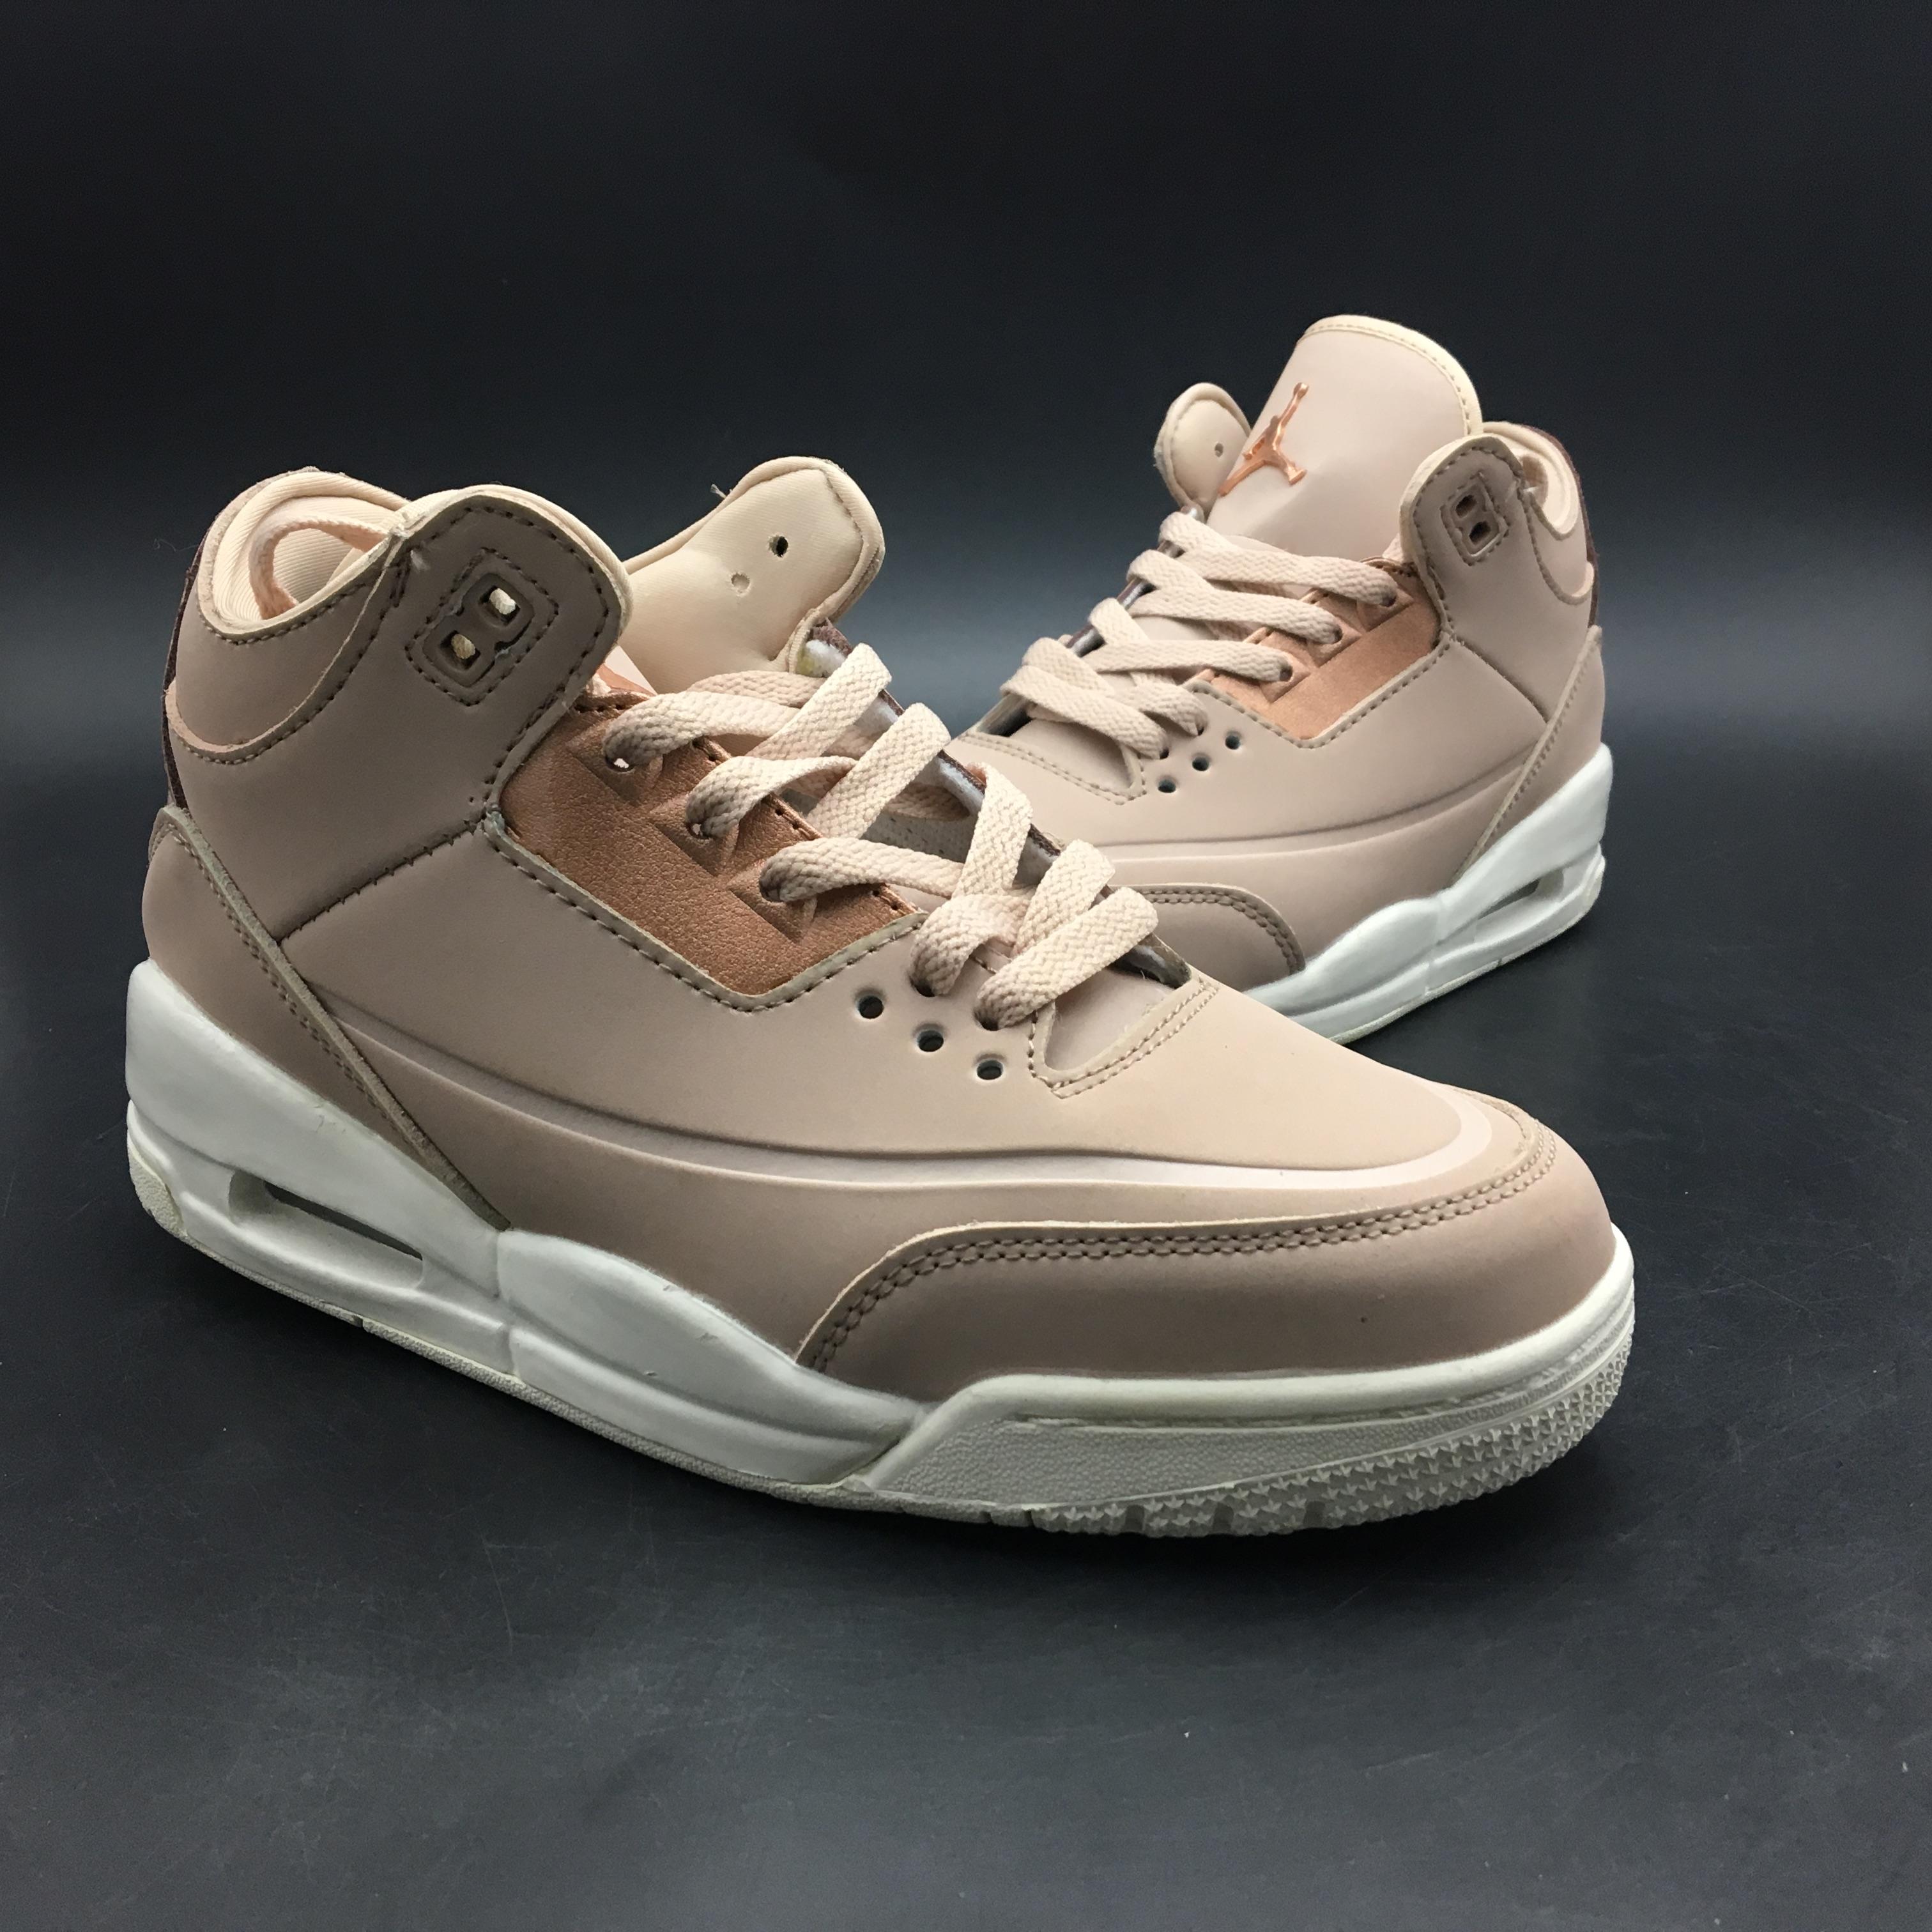 best website af23e 06da4 Air Jordan 3 SE Rose Gold For Women